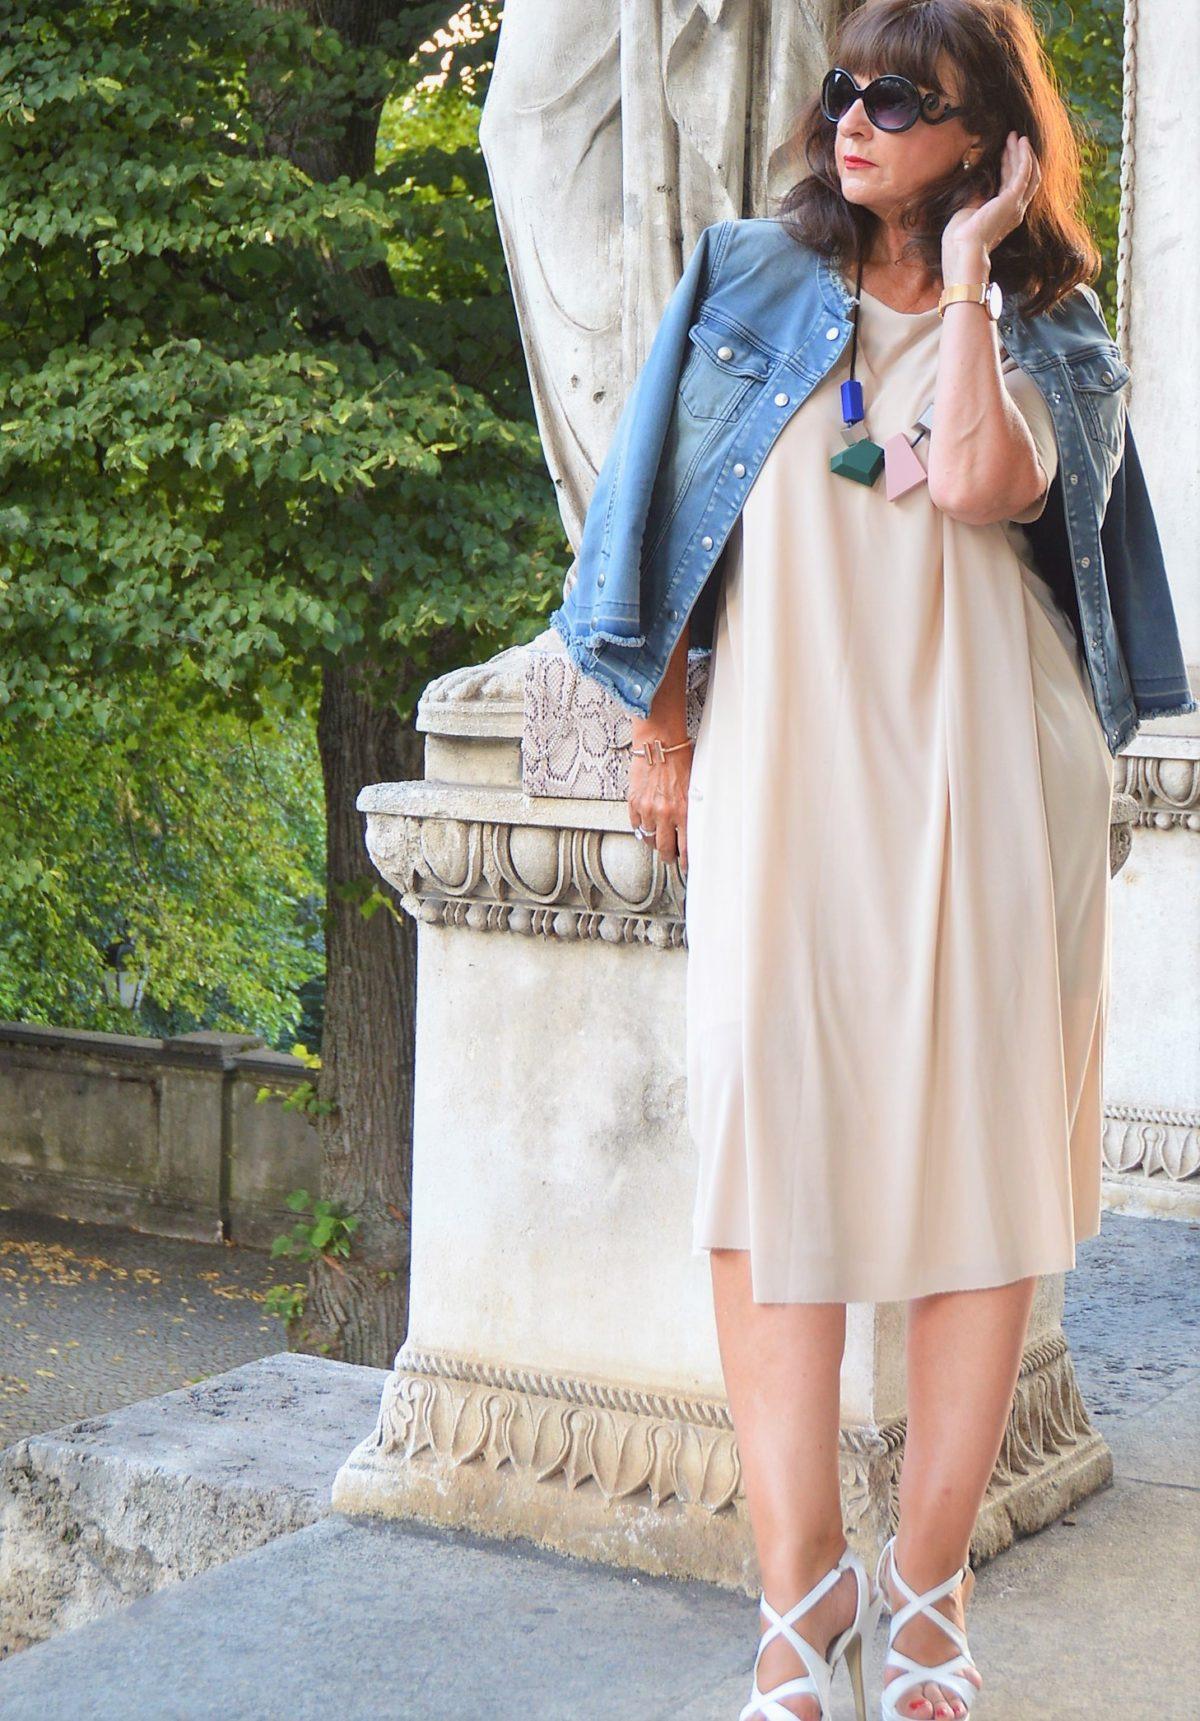 Schickes Sommerkleid Von Cos  Martina Berg  Lady 50Plus